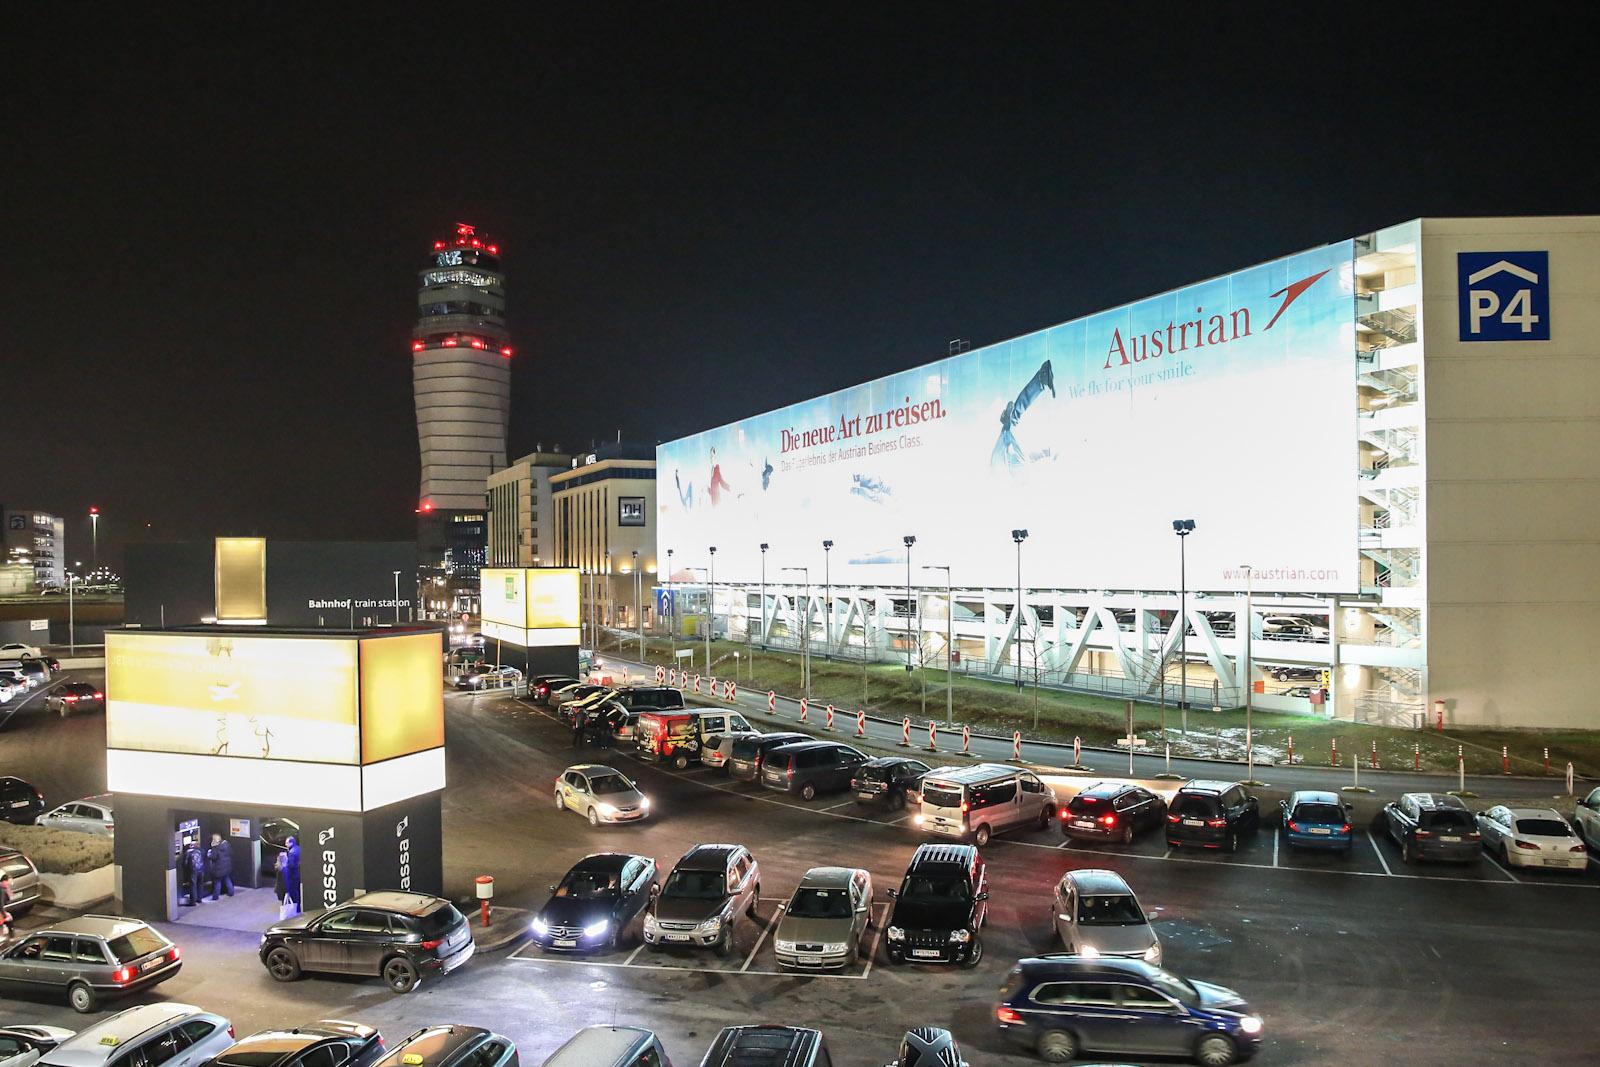 Автомобильная парковка и диспетчерская башня в аэропорту Вена Швехат